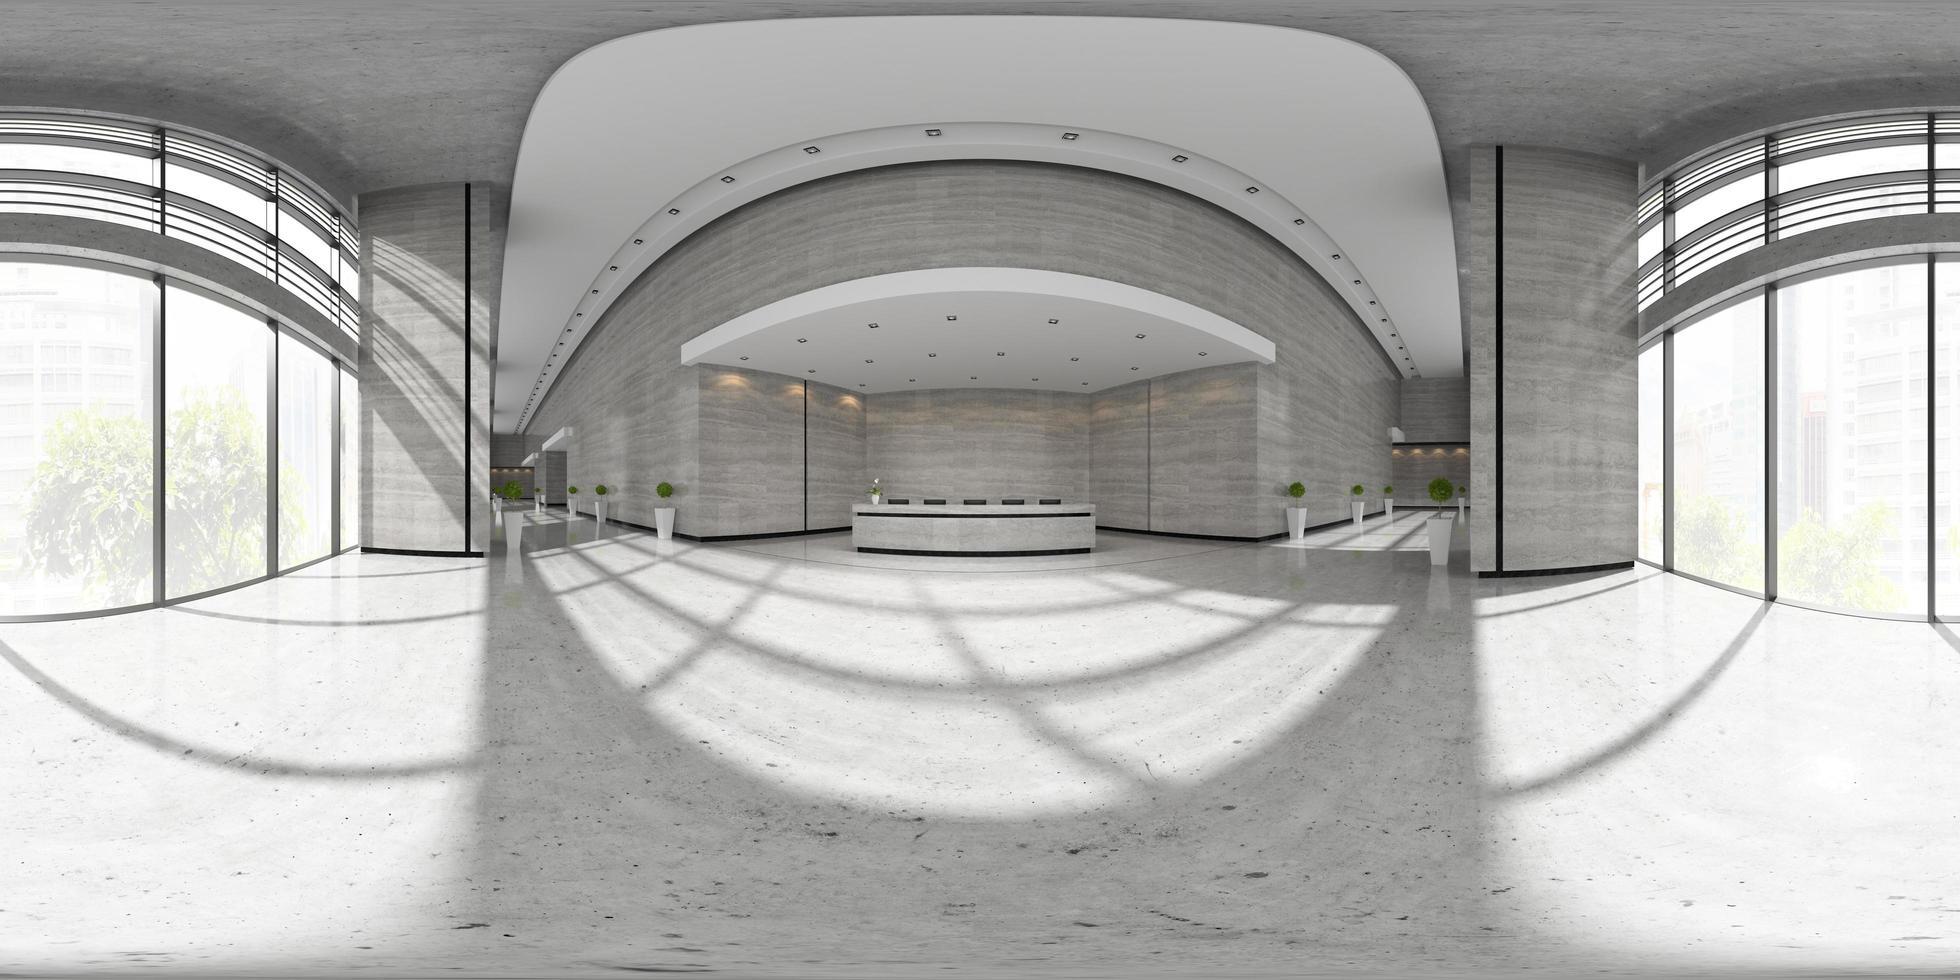 sfärisk 360-panoramaprojektion av en interiör i ett mottagningsområde i 3d-illustration foto